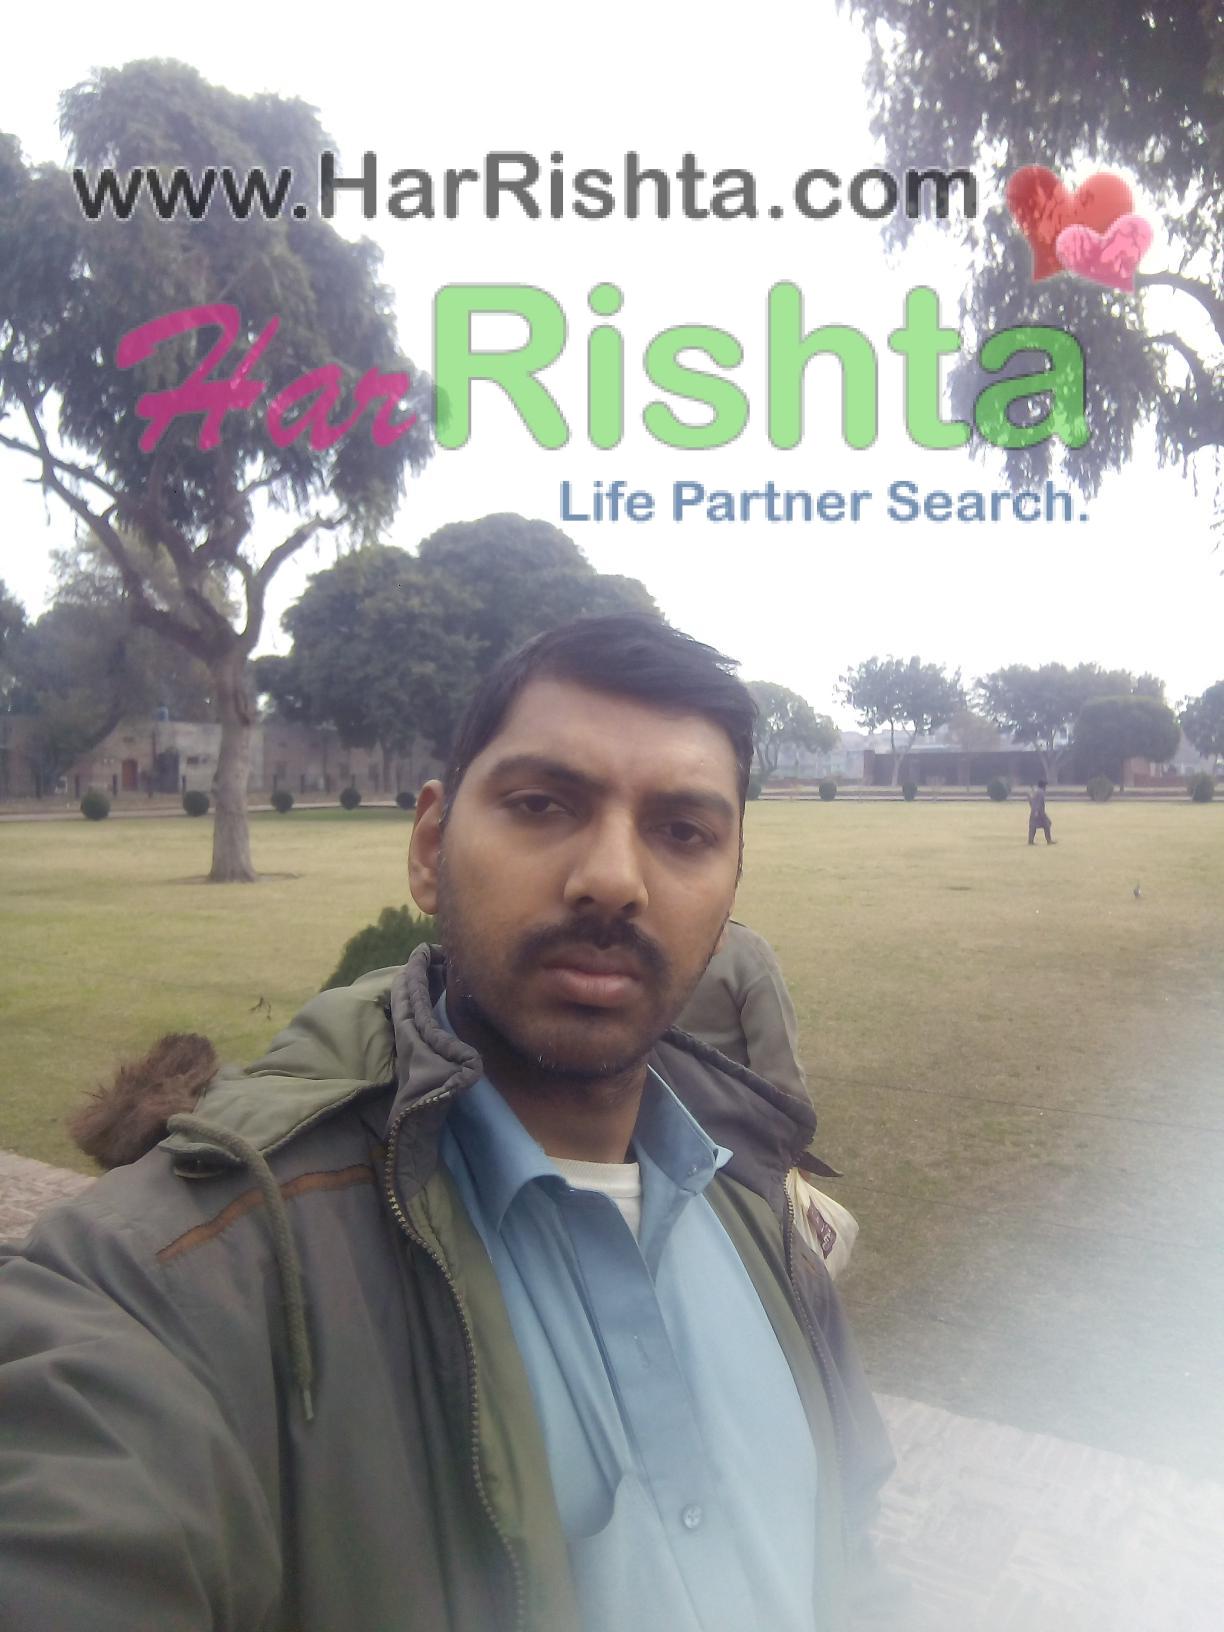 Sheikh Boy Rishta in Peshawar